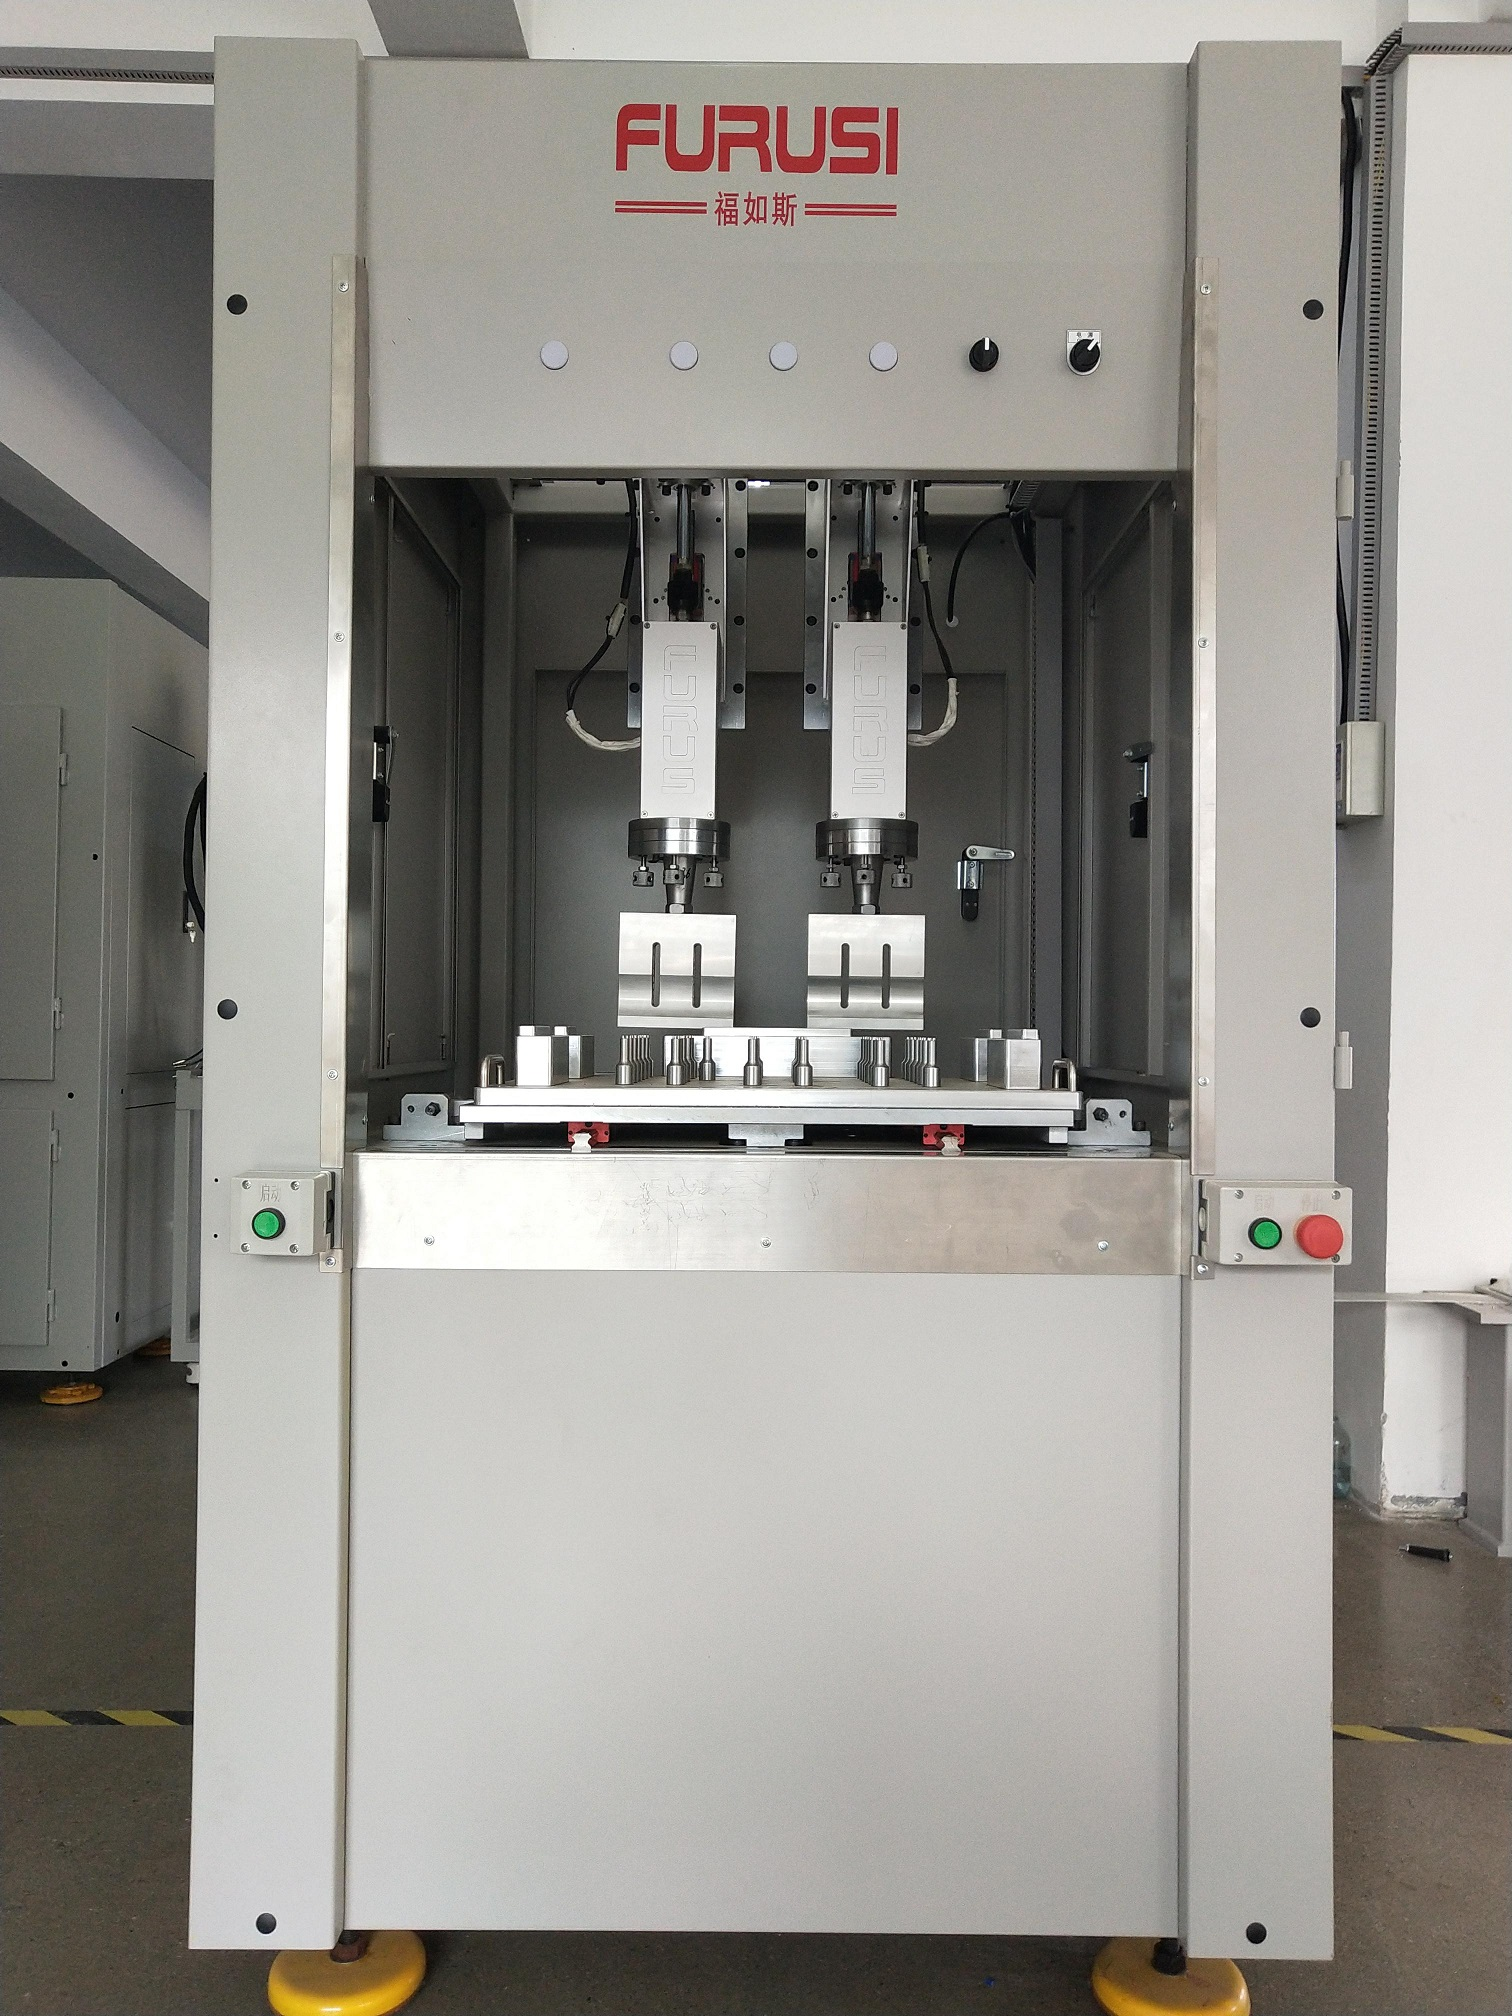 上海优质超声波焊接机高品质的选择 来电咨询 昆山福如斯精密机械供应